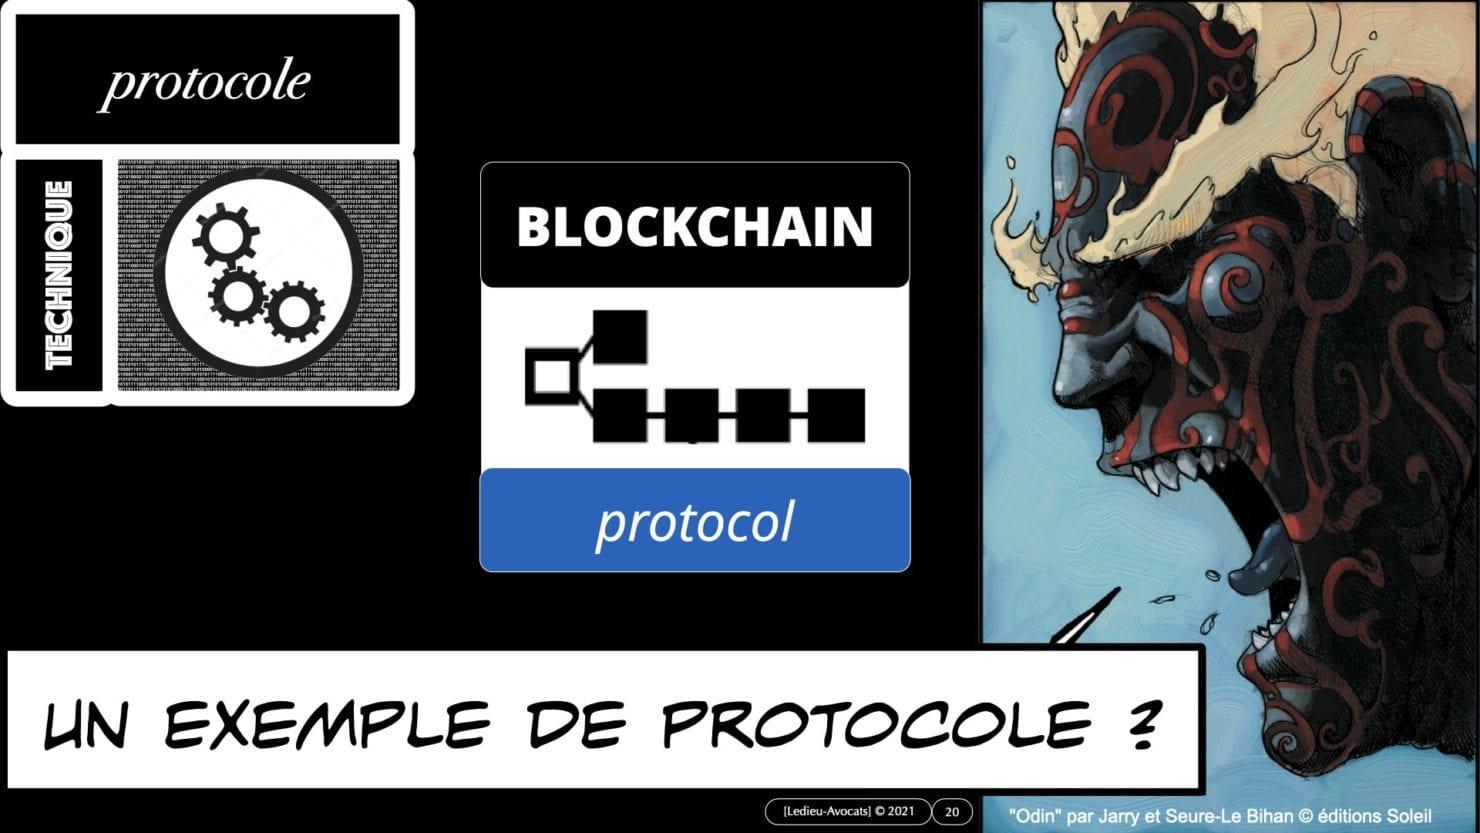 332 ALGORITHME PROTOCOLE protection innovation numérique ©Ledieu-Avocats 19-05-2021.020